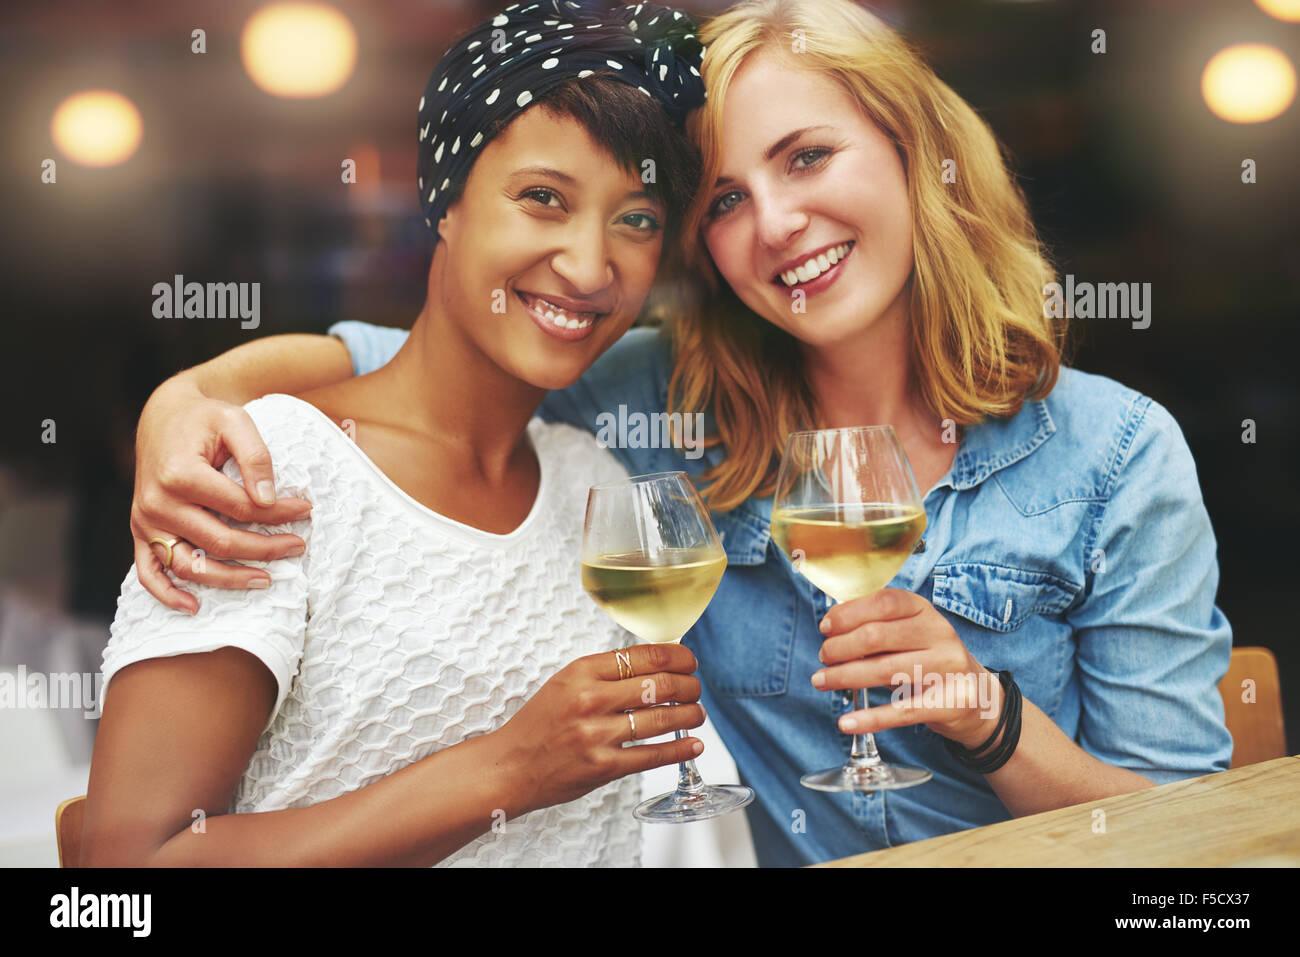 Zwei wunderschöne junge Multiethnischen Frauen bei einem Glas Wein ihre Gläser in einen Toast auf die Stockbild